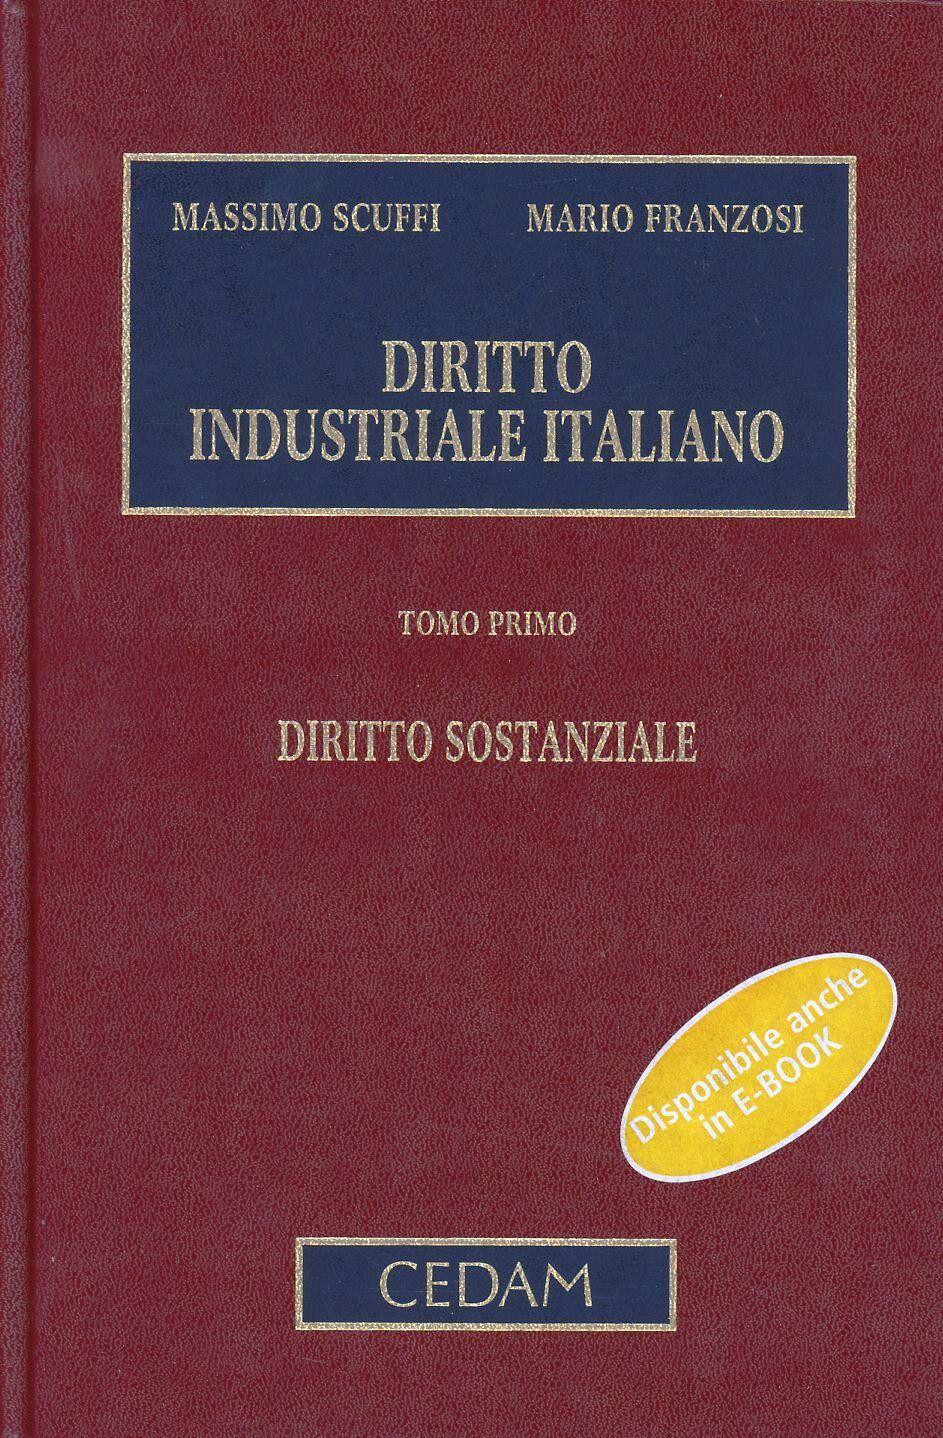 Diritto industriale italiano: Diritto sostanziale-Diritto procedimentale e processuale